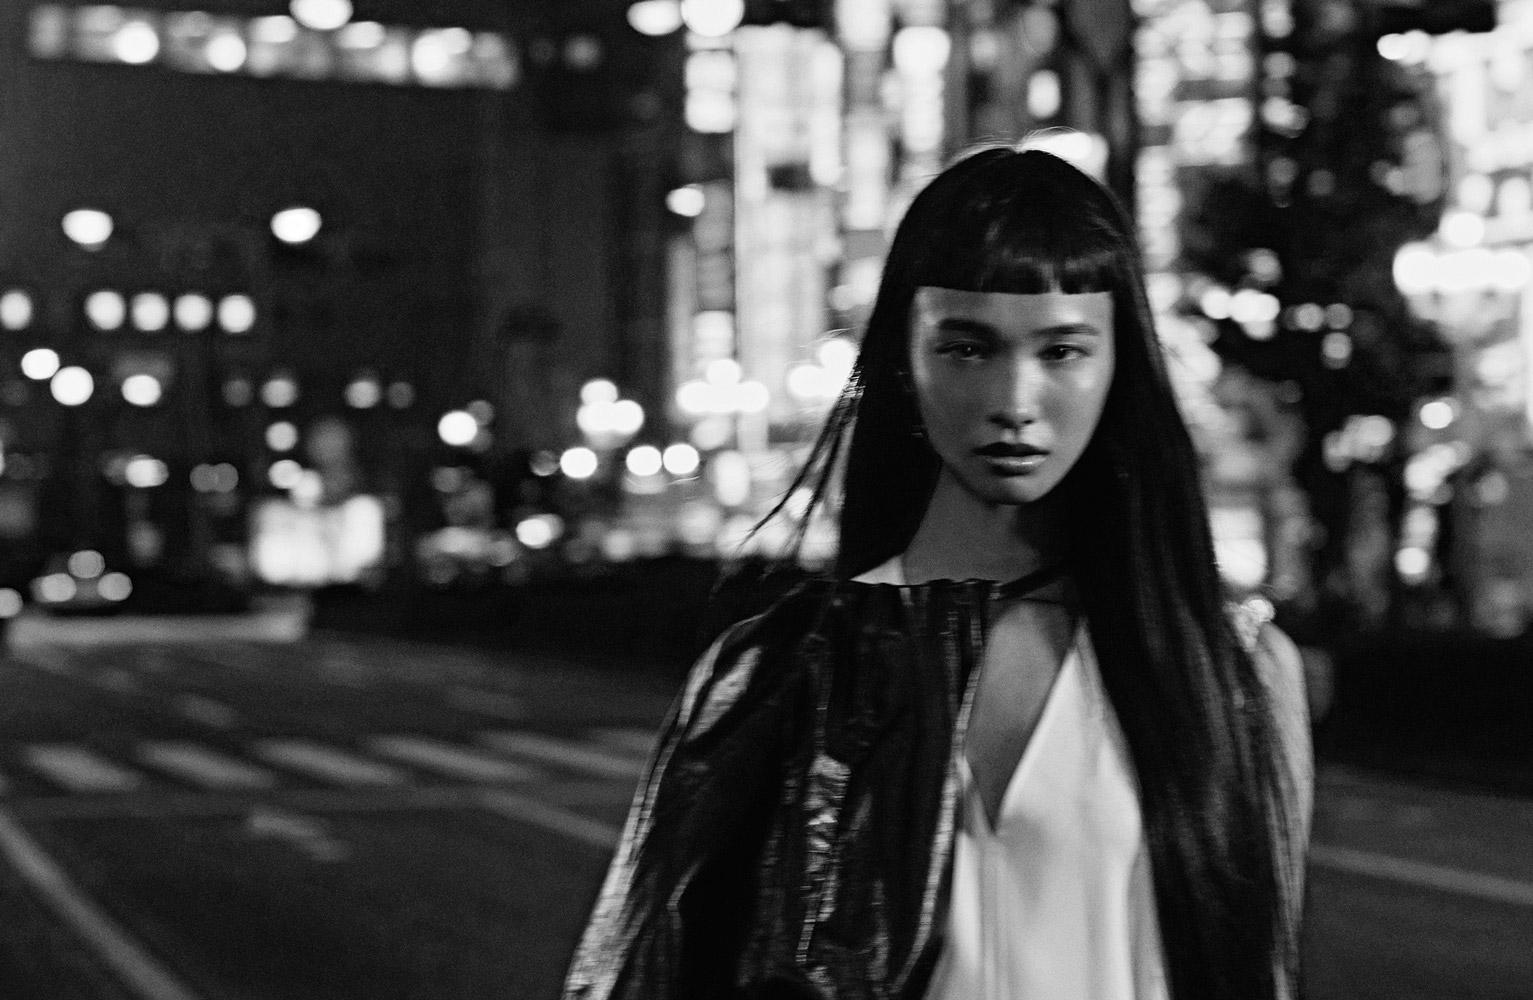 Yuka Mannami, Tokyo, 2016